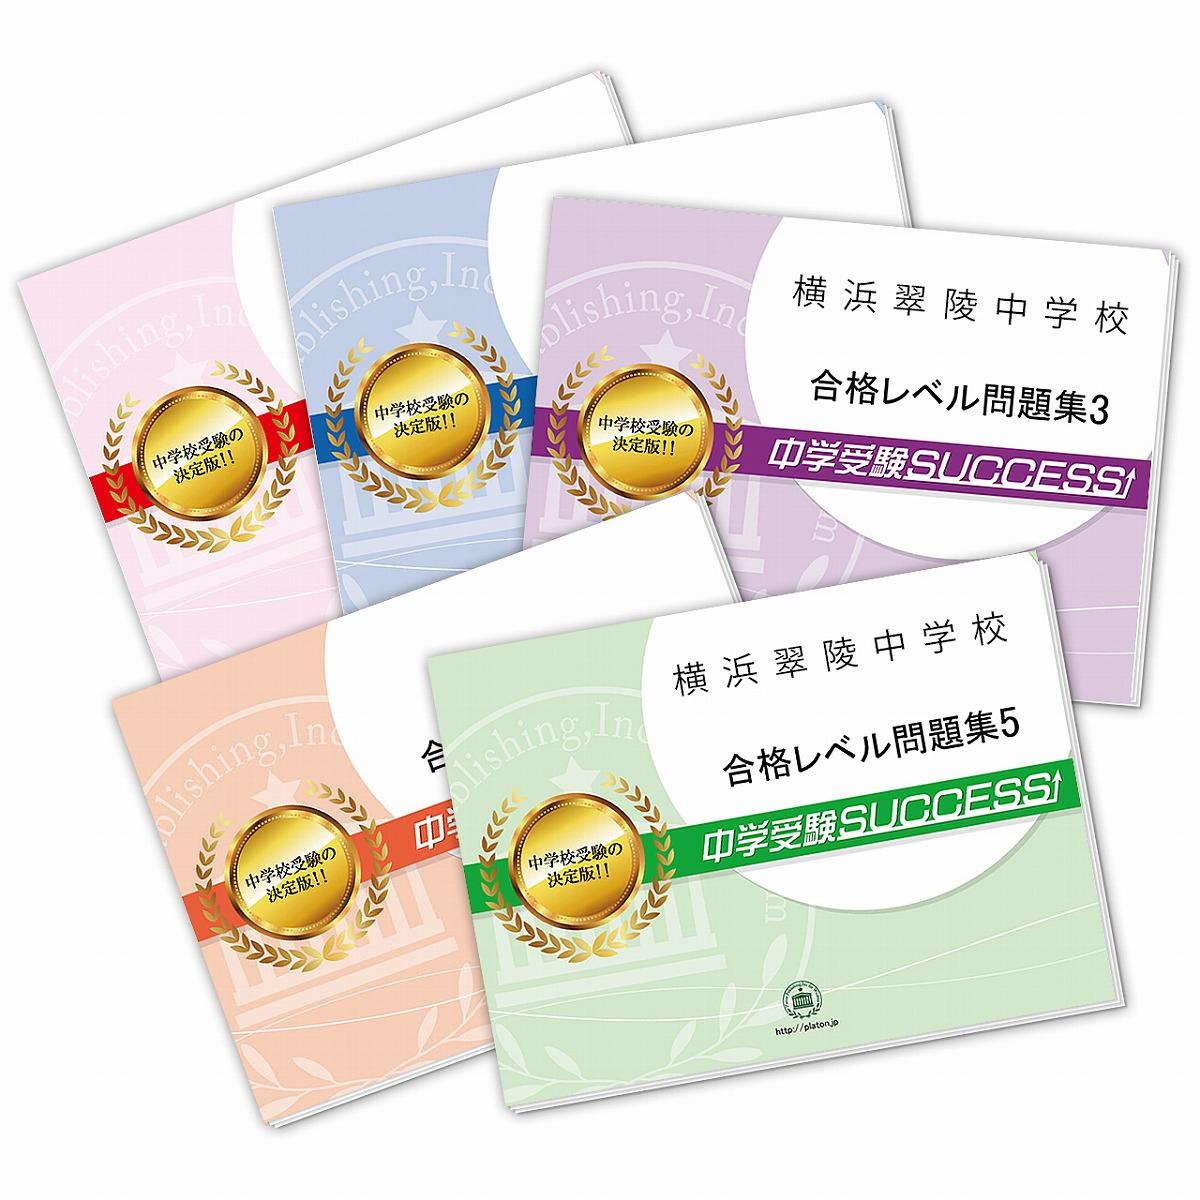 【送料・代引手数料無料】横浜翠陵中学校・直前対策合格セット(5冊)